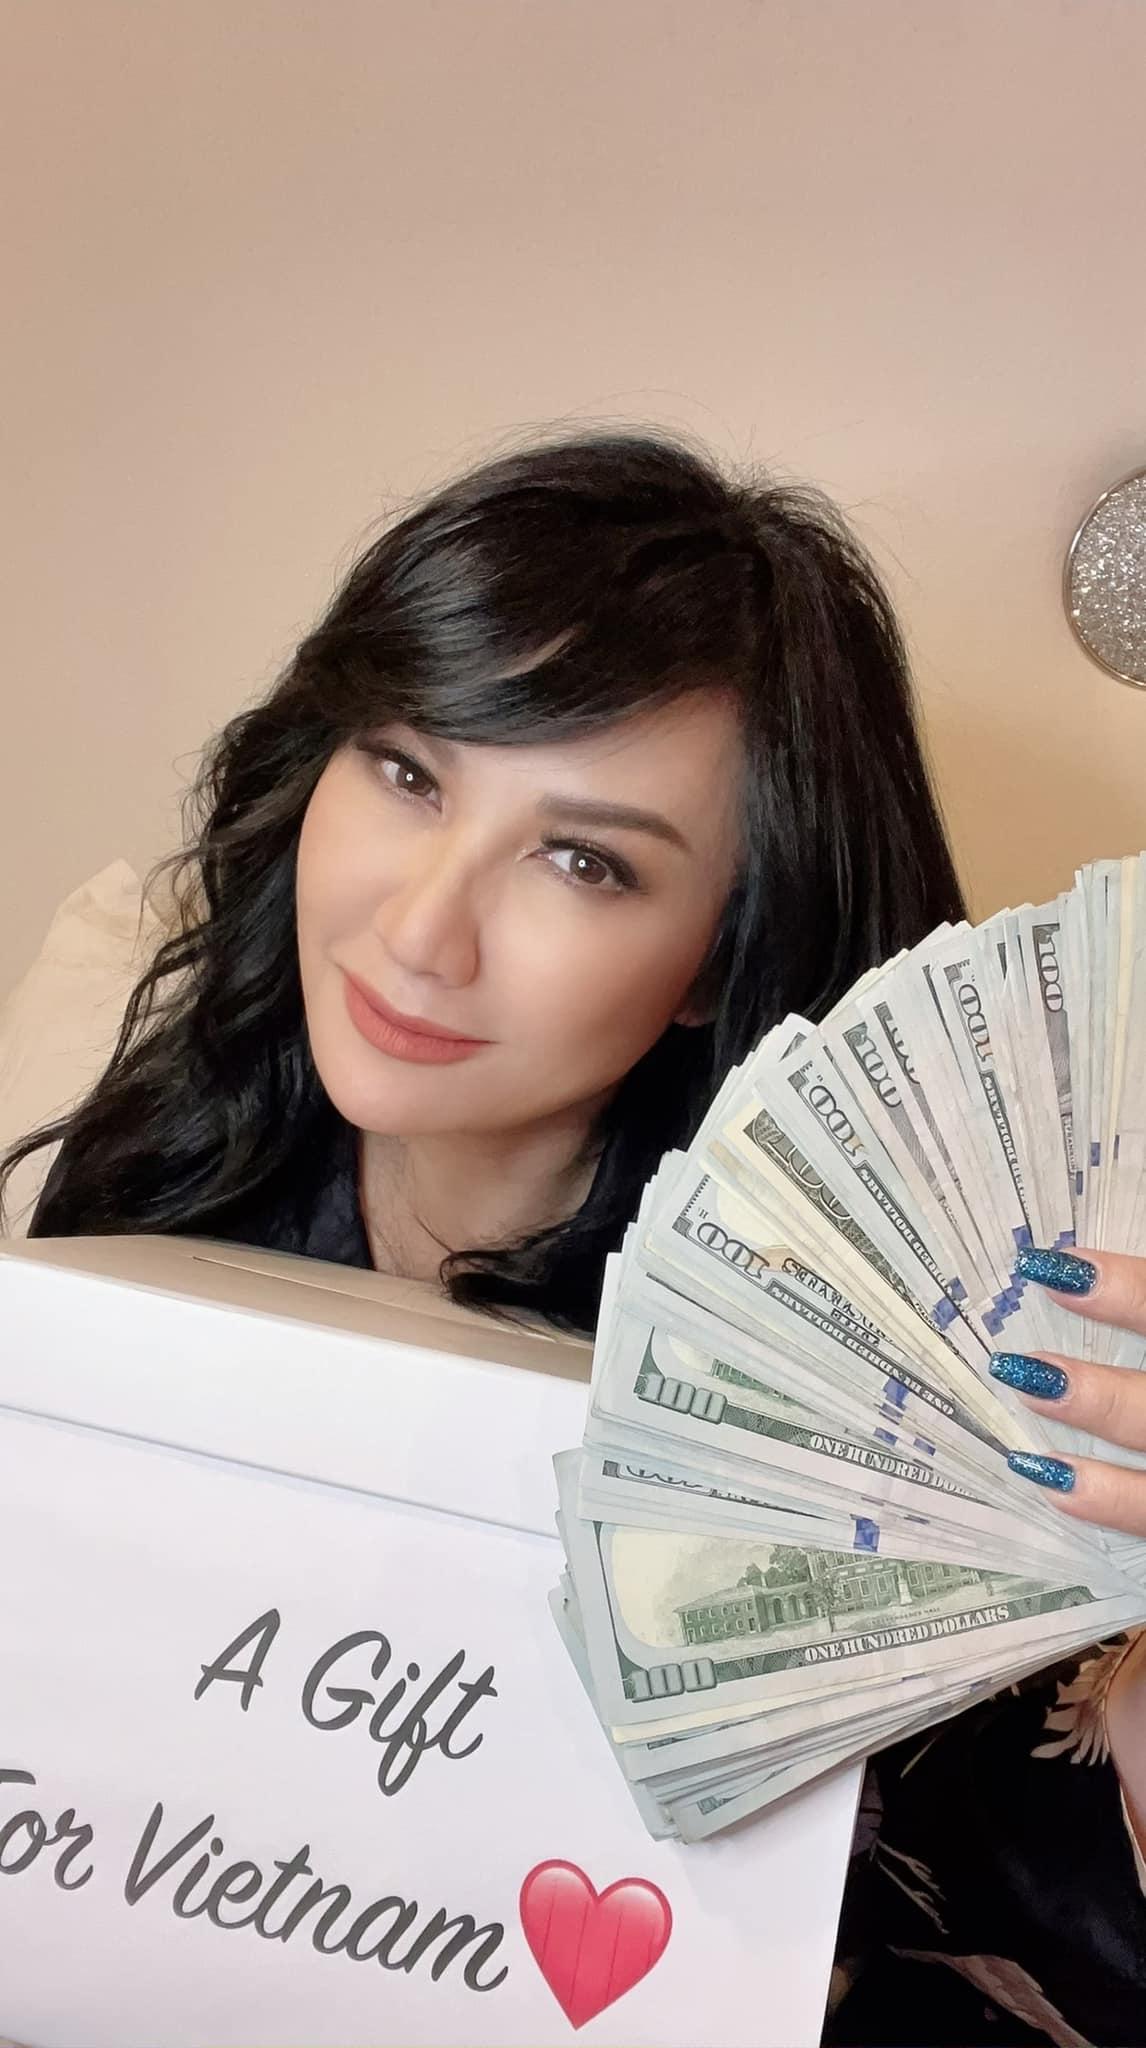 Sức khỏe Phi Nhung chuyển nặng, vợ cũ Bằng Kiều gửi 21.500 USD về VN làm điều bất ngờ - 3